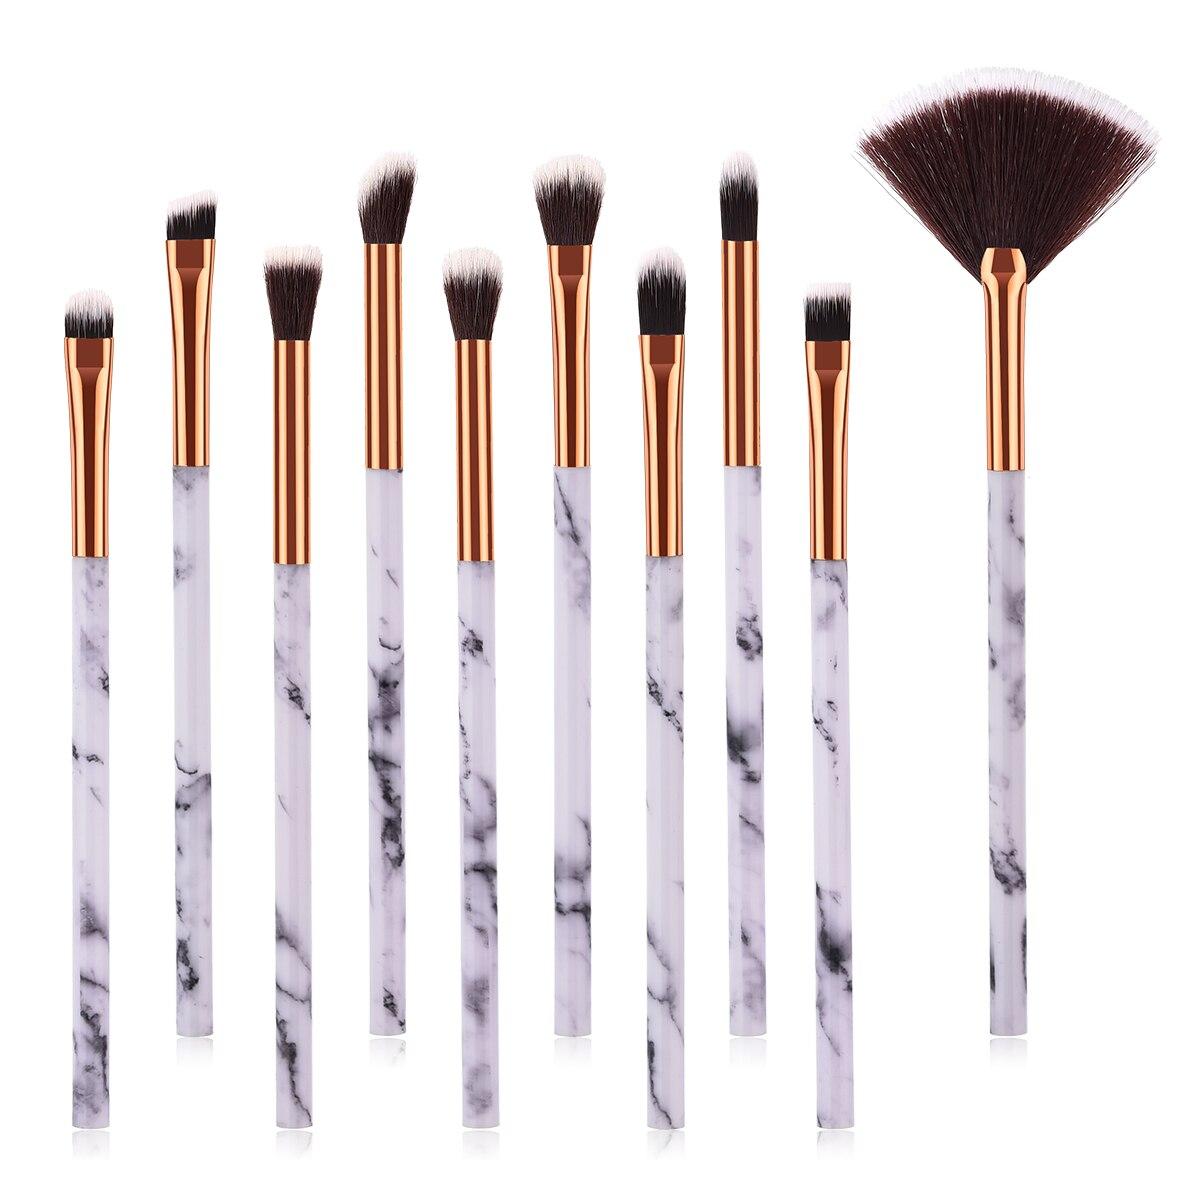 ELECOOL 10 шт./компл. щетку с Мрамор текстуры ручка нейлон волос для макияжа глаз Кисть косметическая кисть для теней инструменты